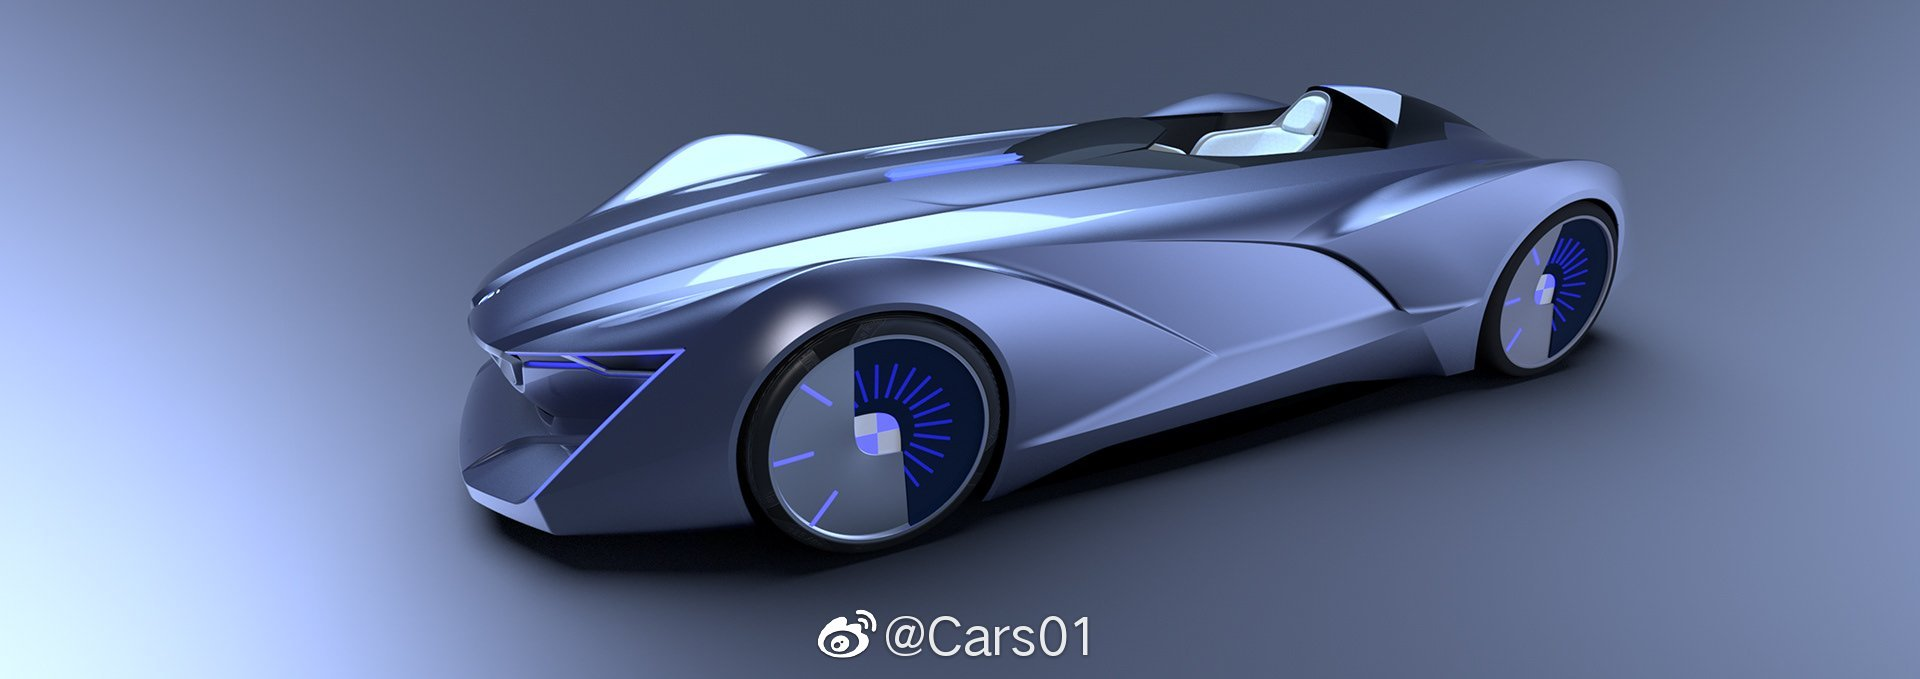 来自未来的你:宝马概念车!